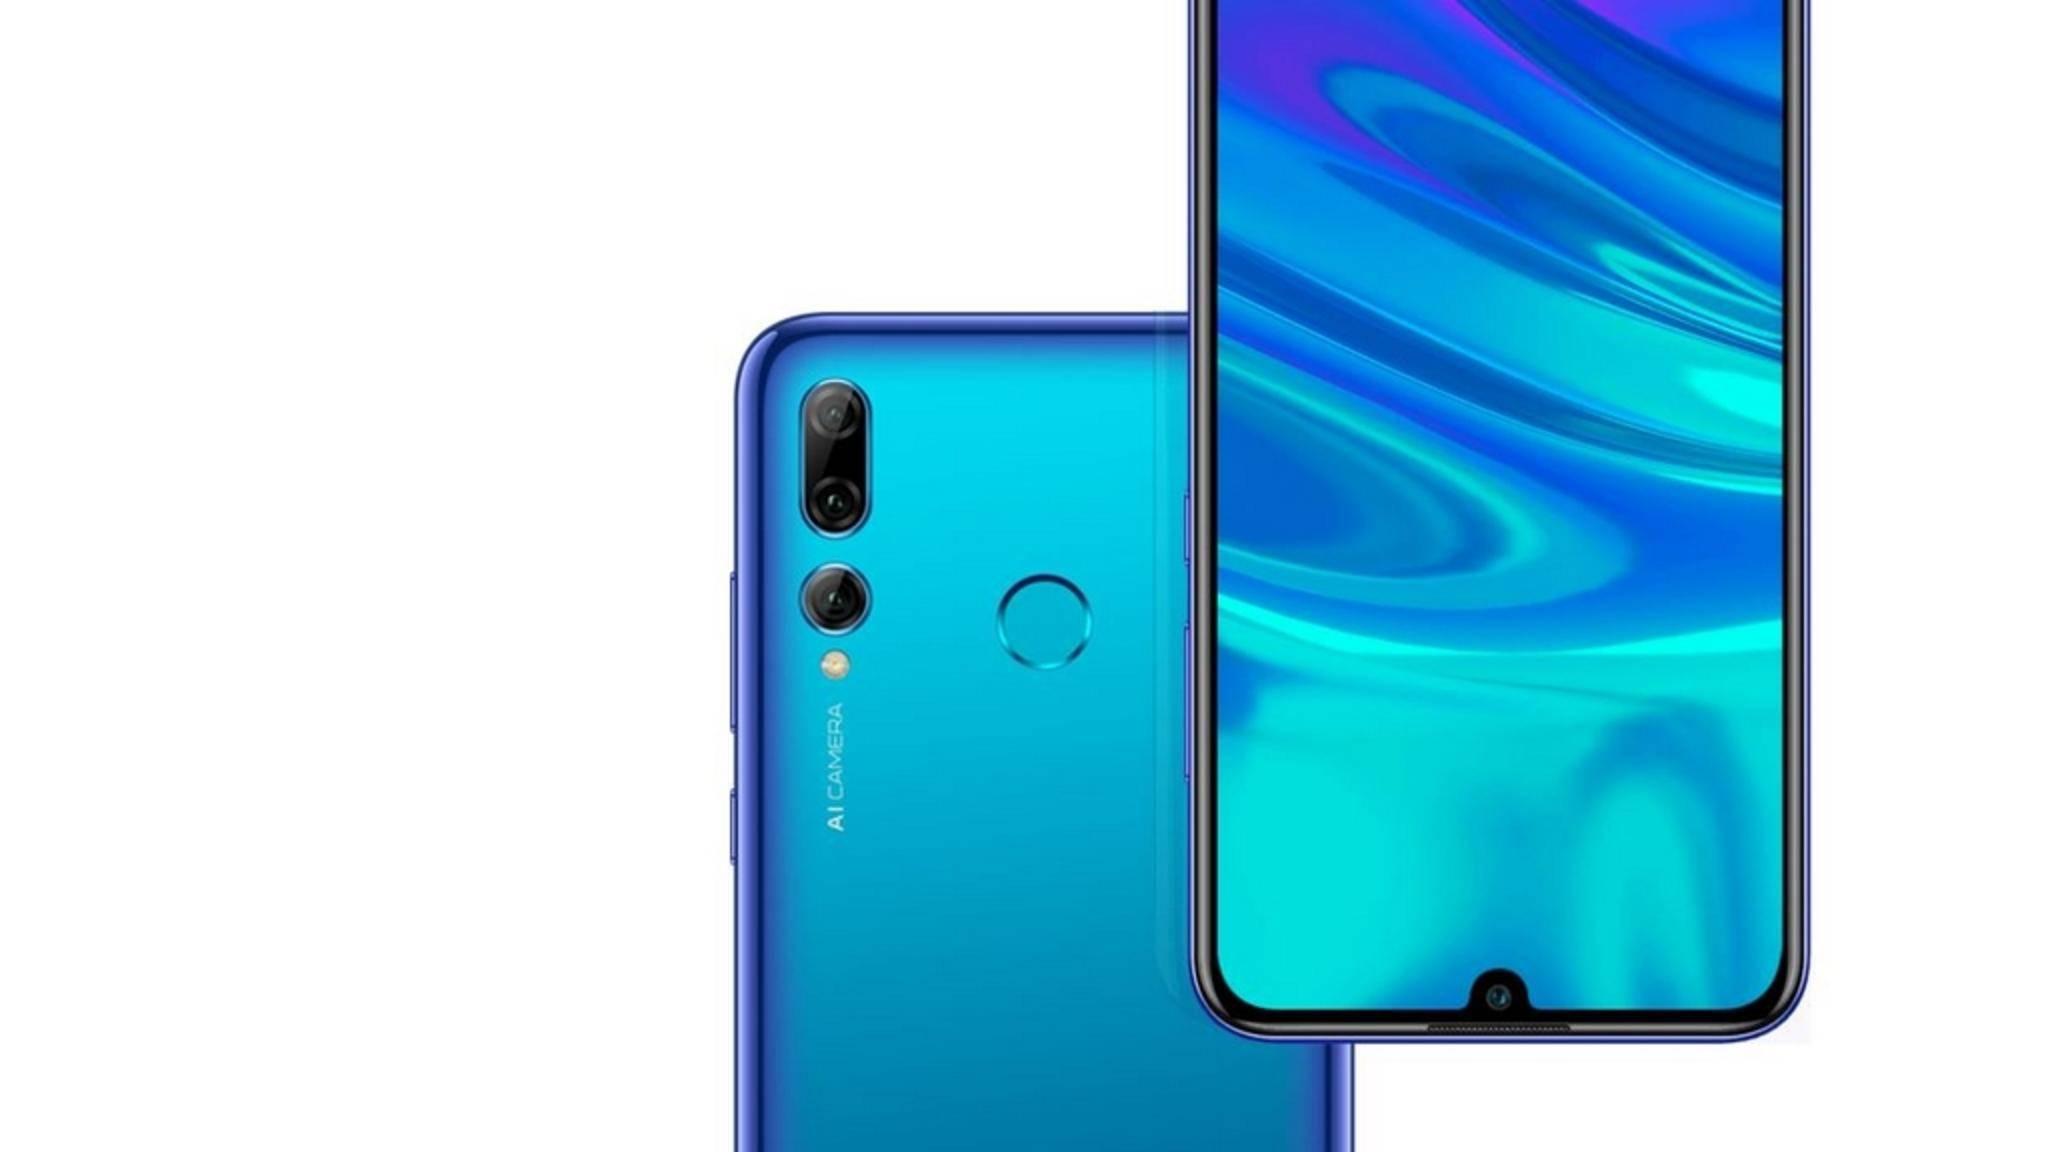 So sieht das Huawei P Smart+ (2019) aus.